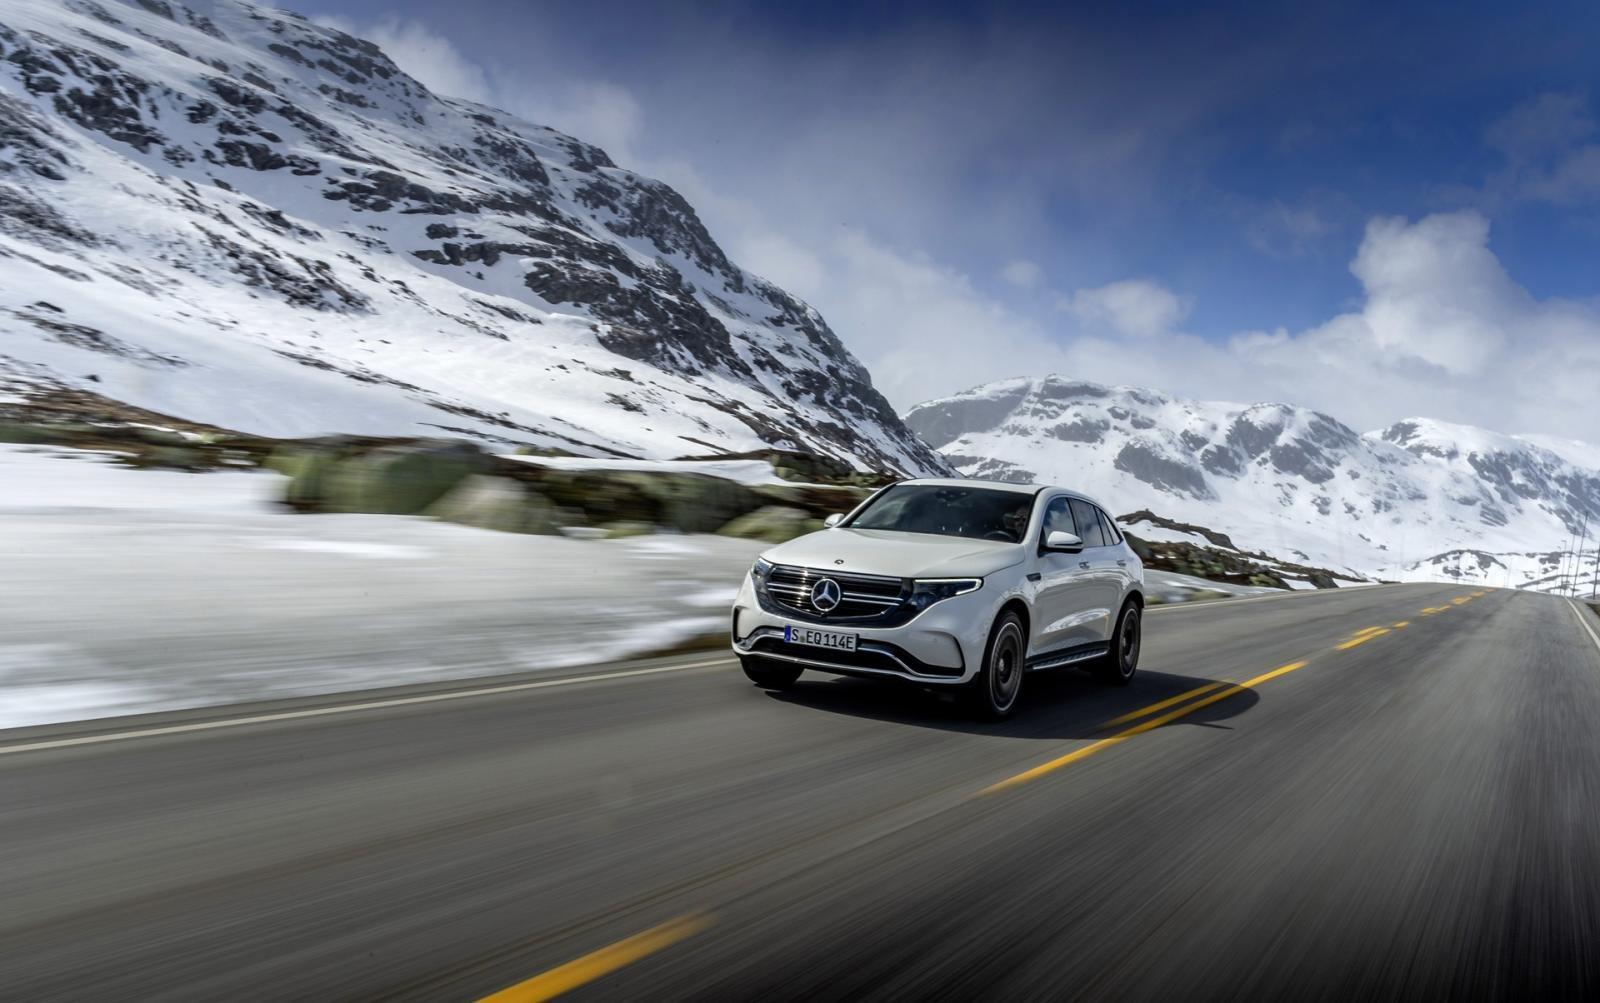 Mercedes EQC mới thân thiện môi trường và manh mẽ.